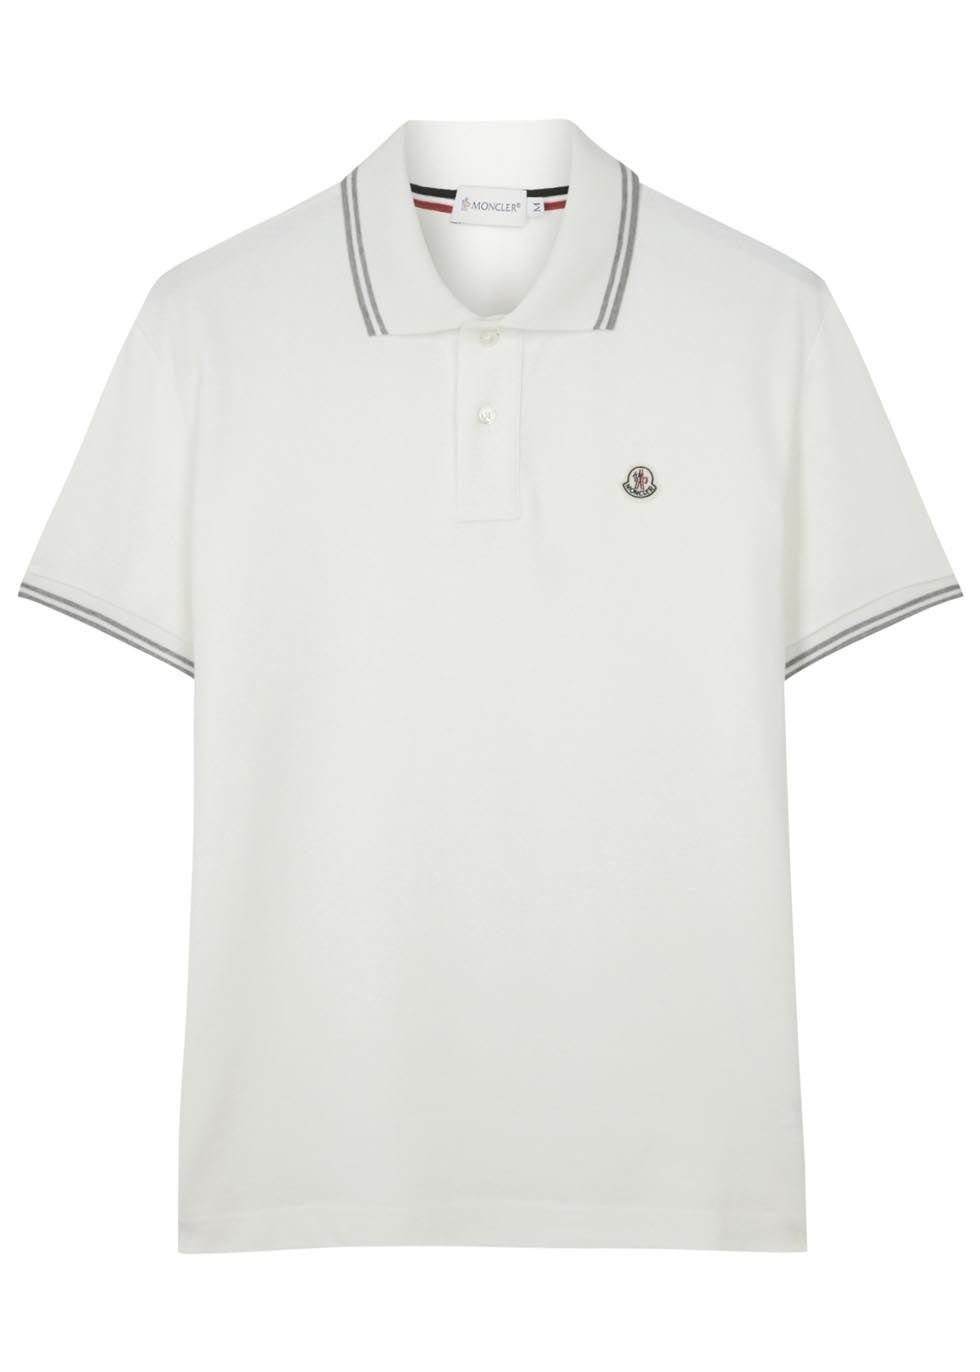 ab571449 Moncler cream cotton polo shirt | Men's New In | Polo, Moncler, Mens ...